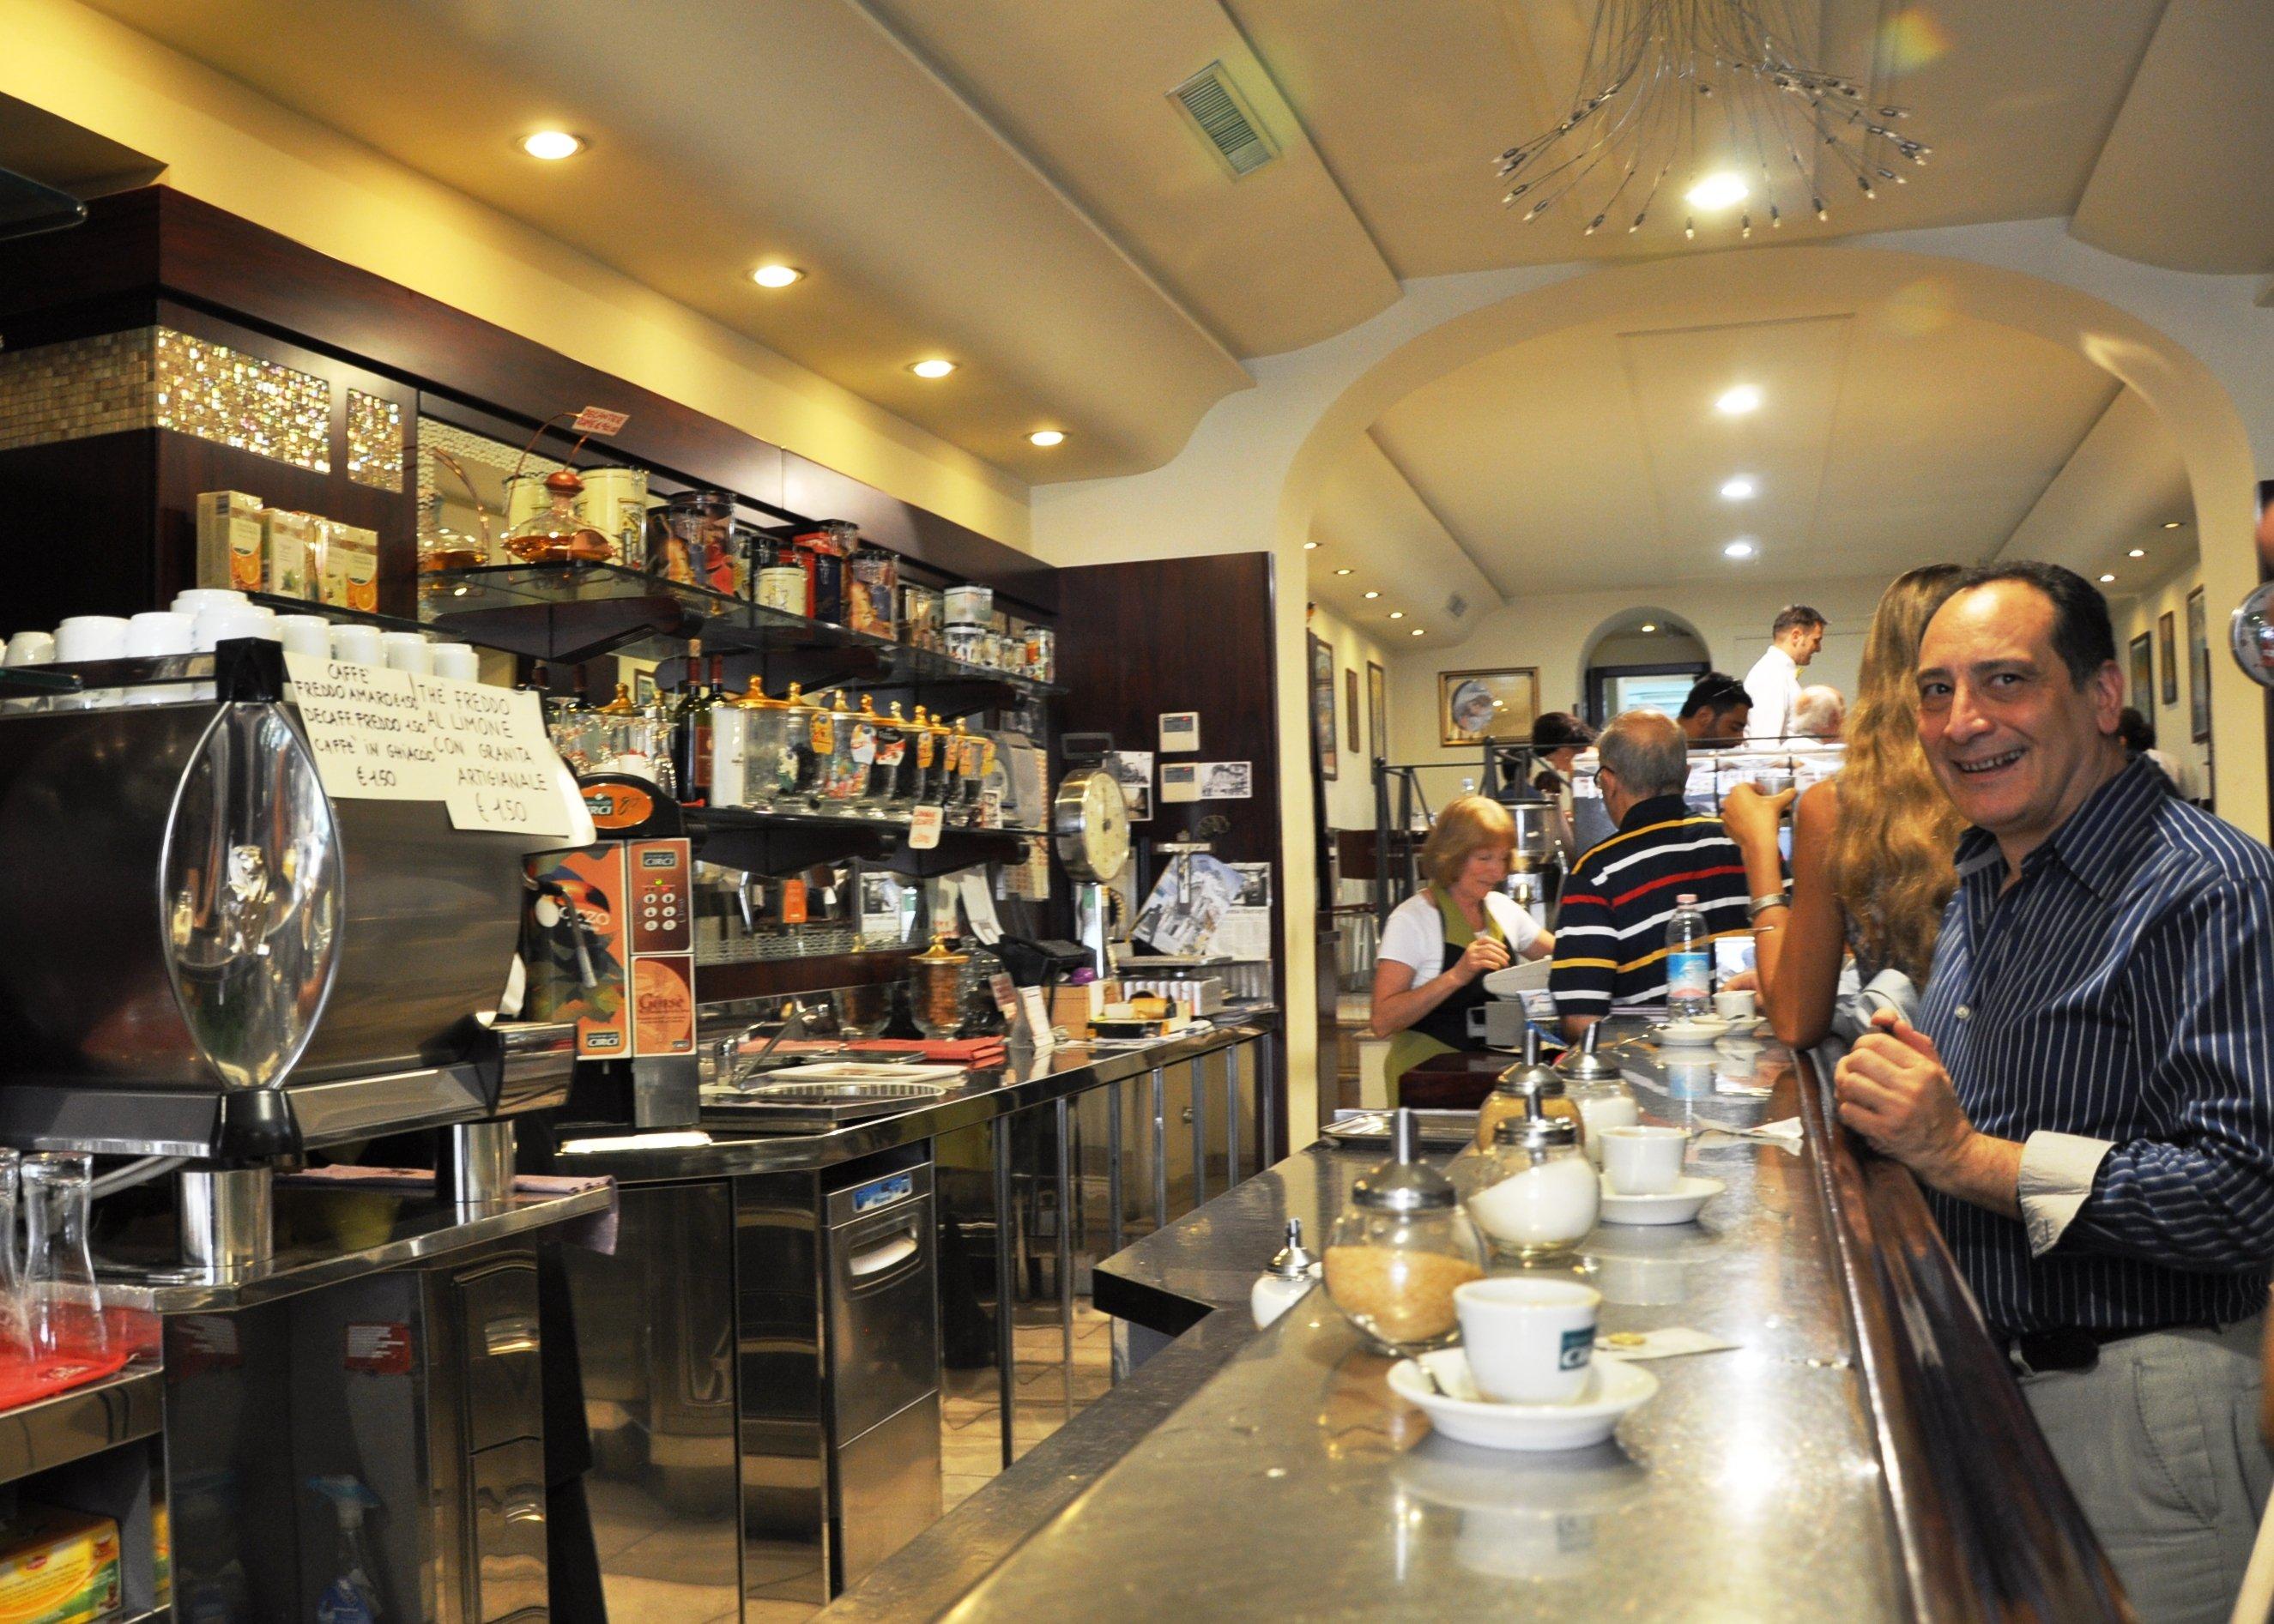 кофе у бара дешевле, чем за столиком